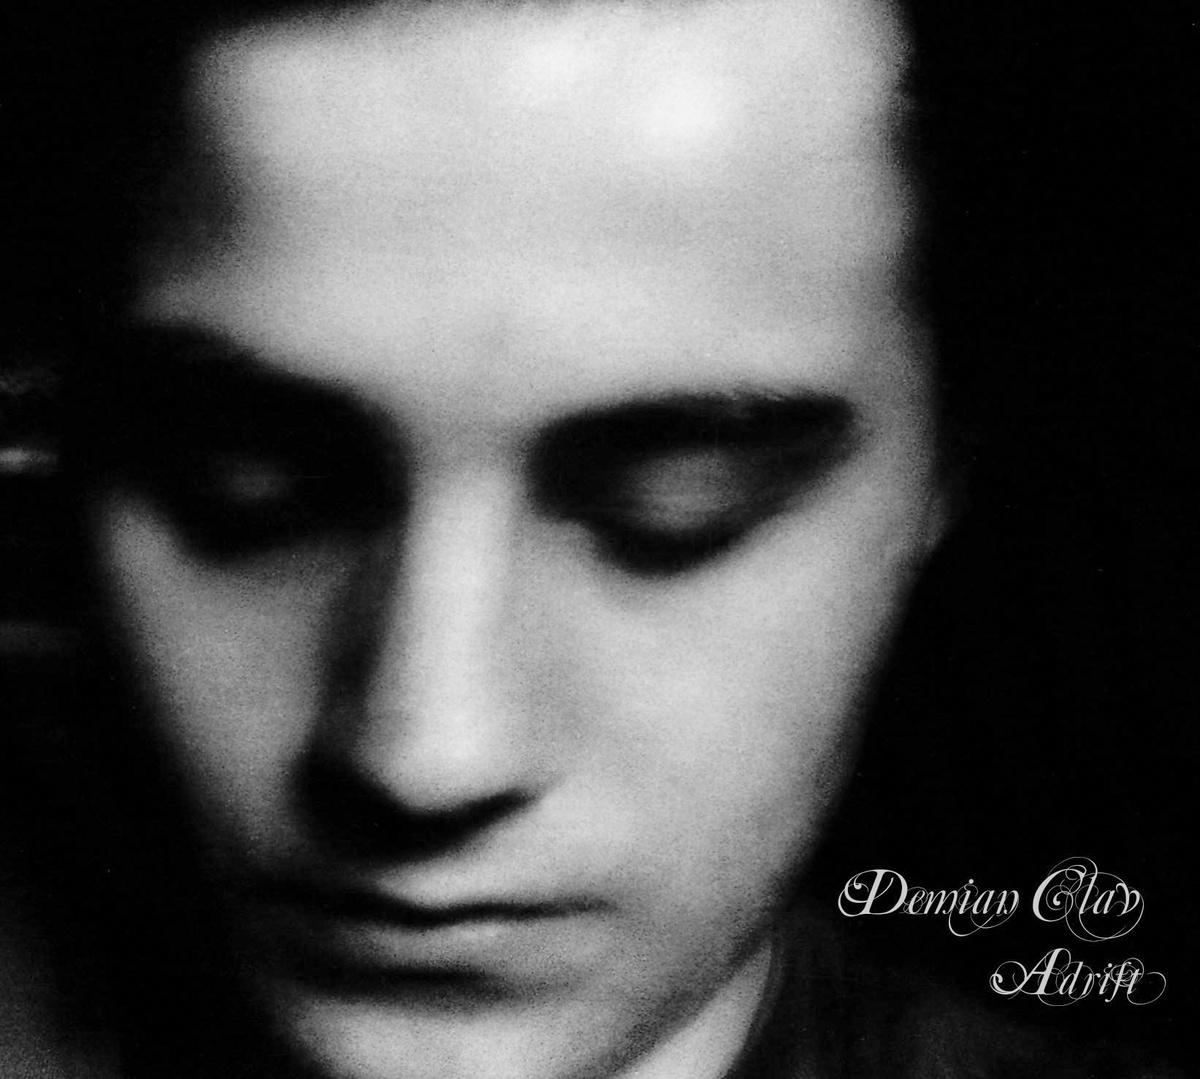 Demian Clav: Adrift (Ten years before Scardanelli)